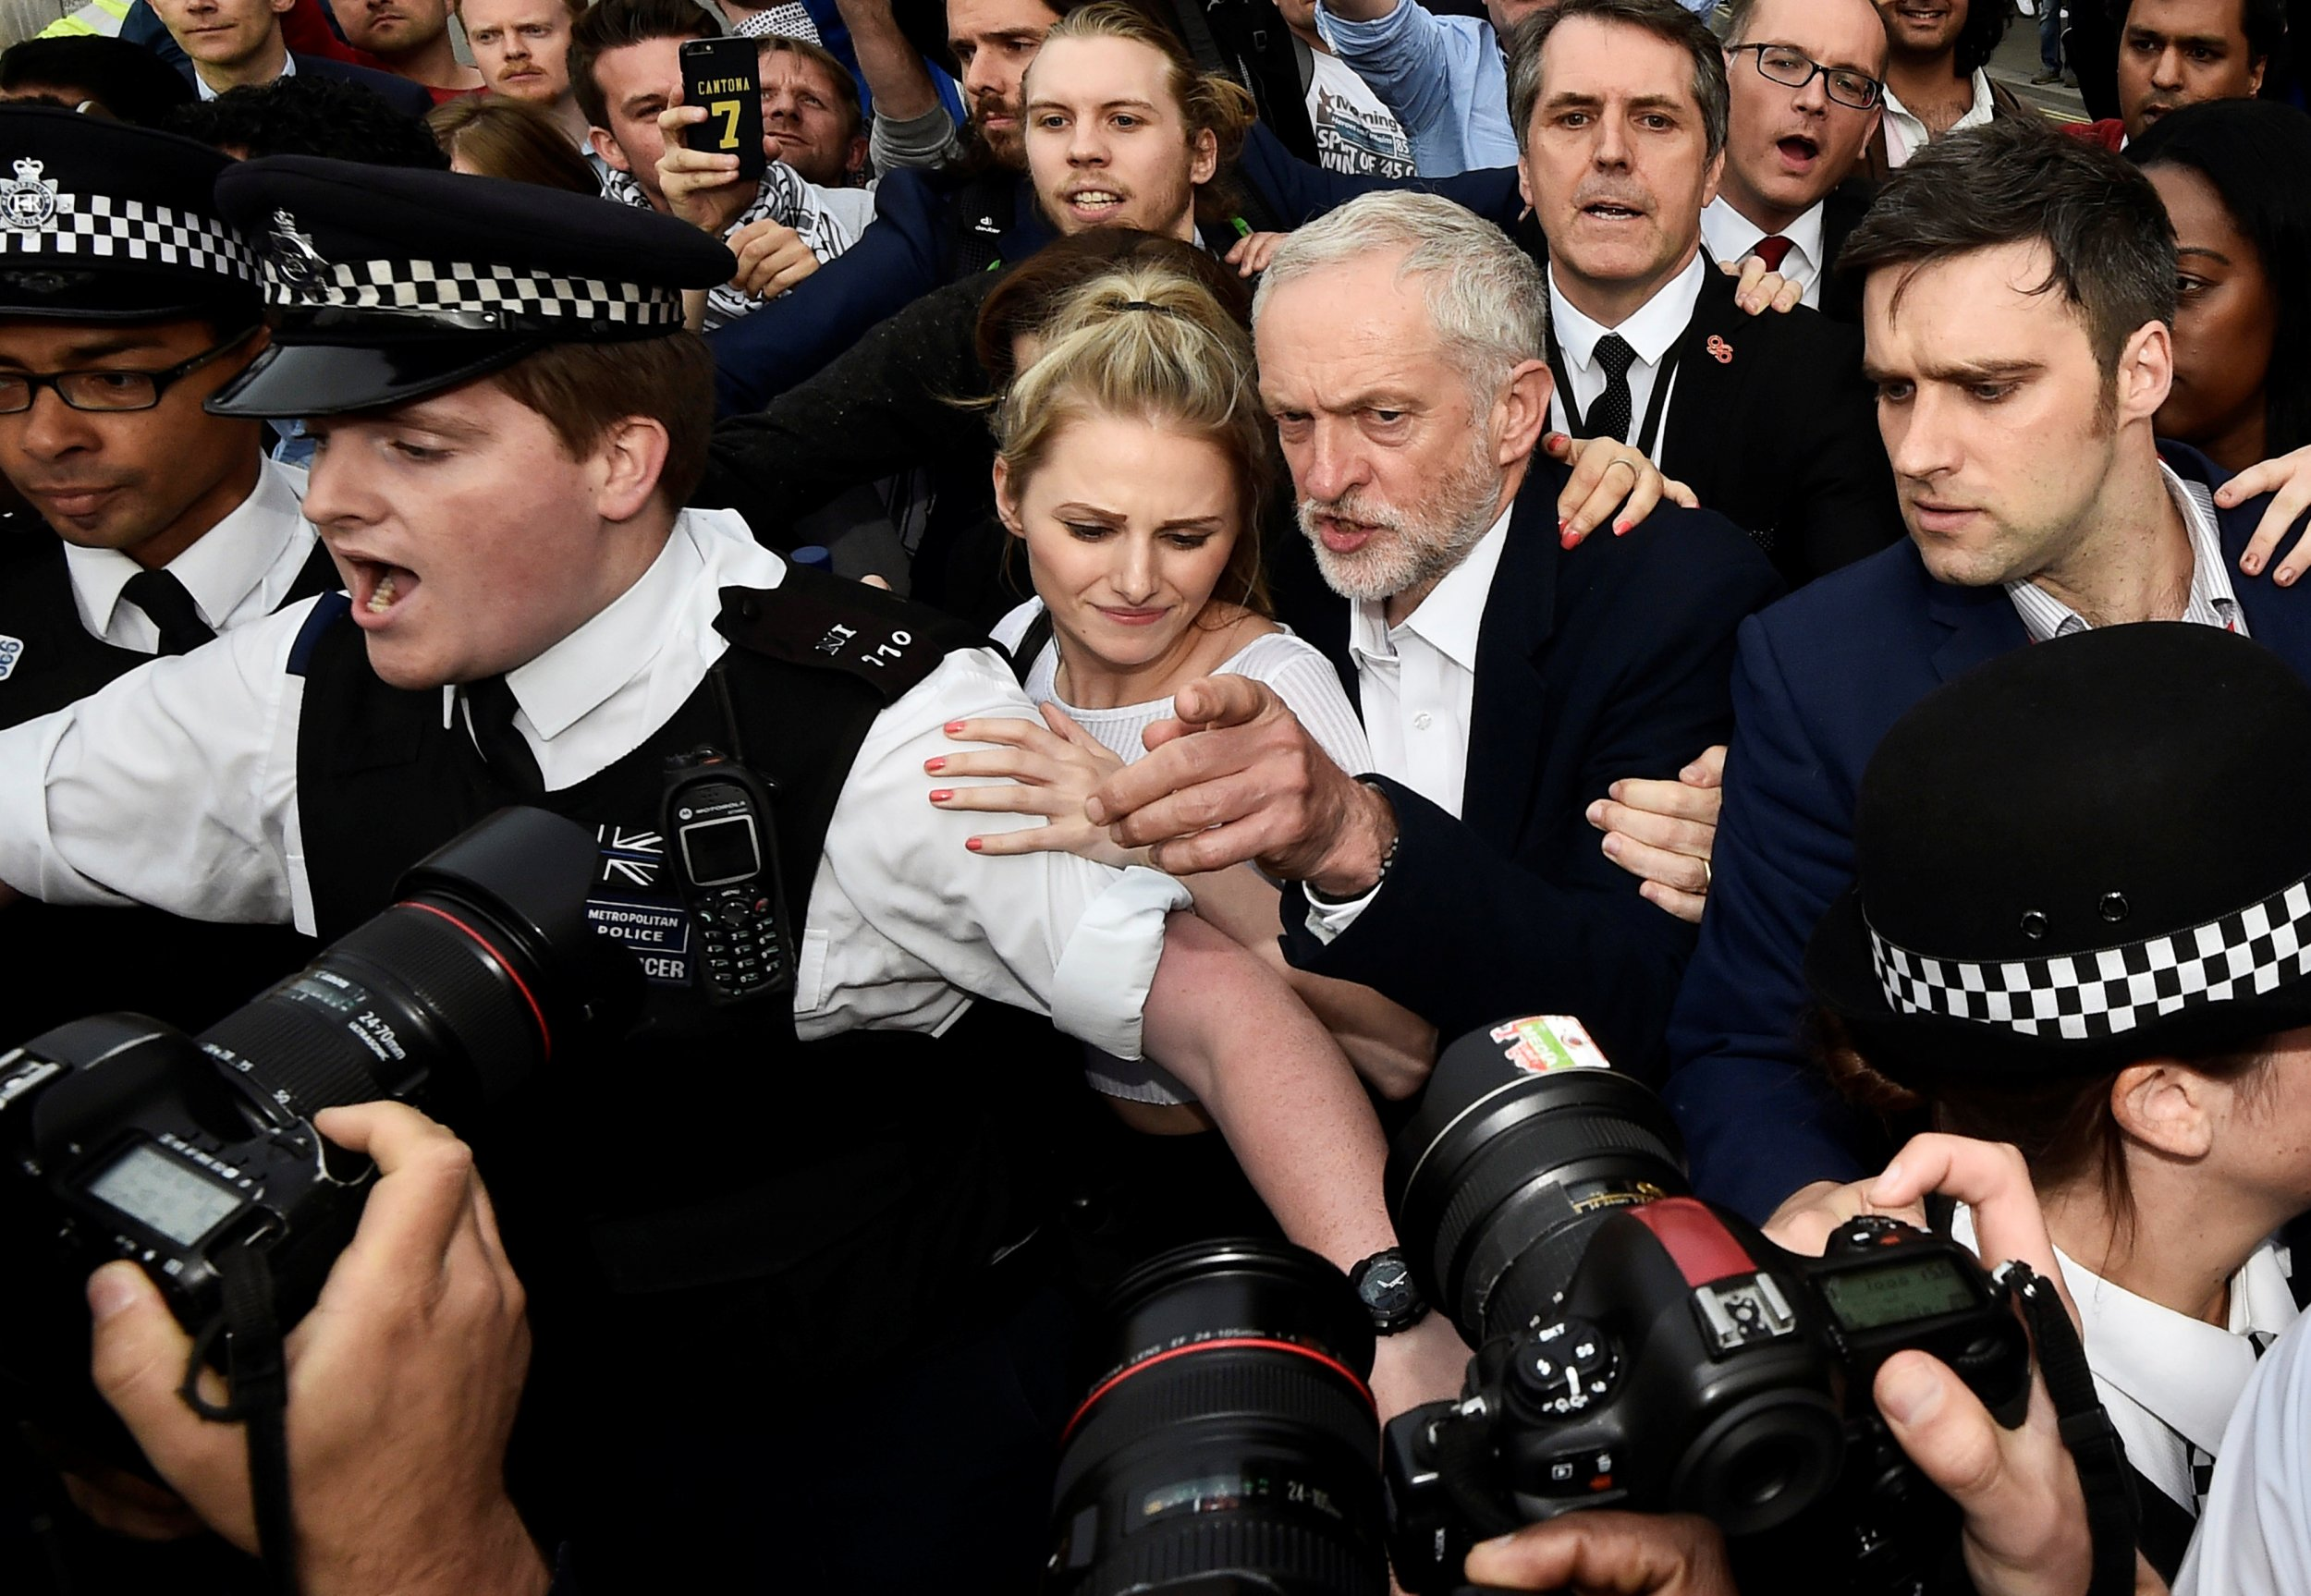 Jeremy Corbyn arrives to rally